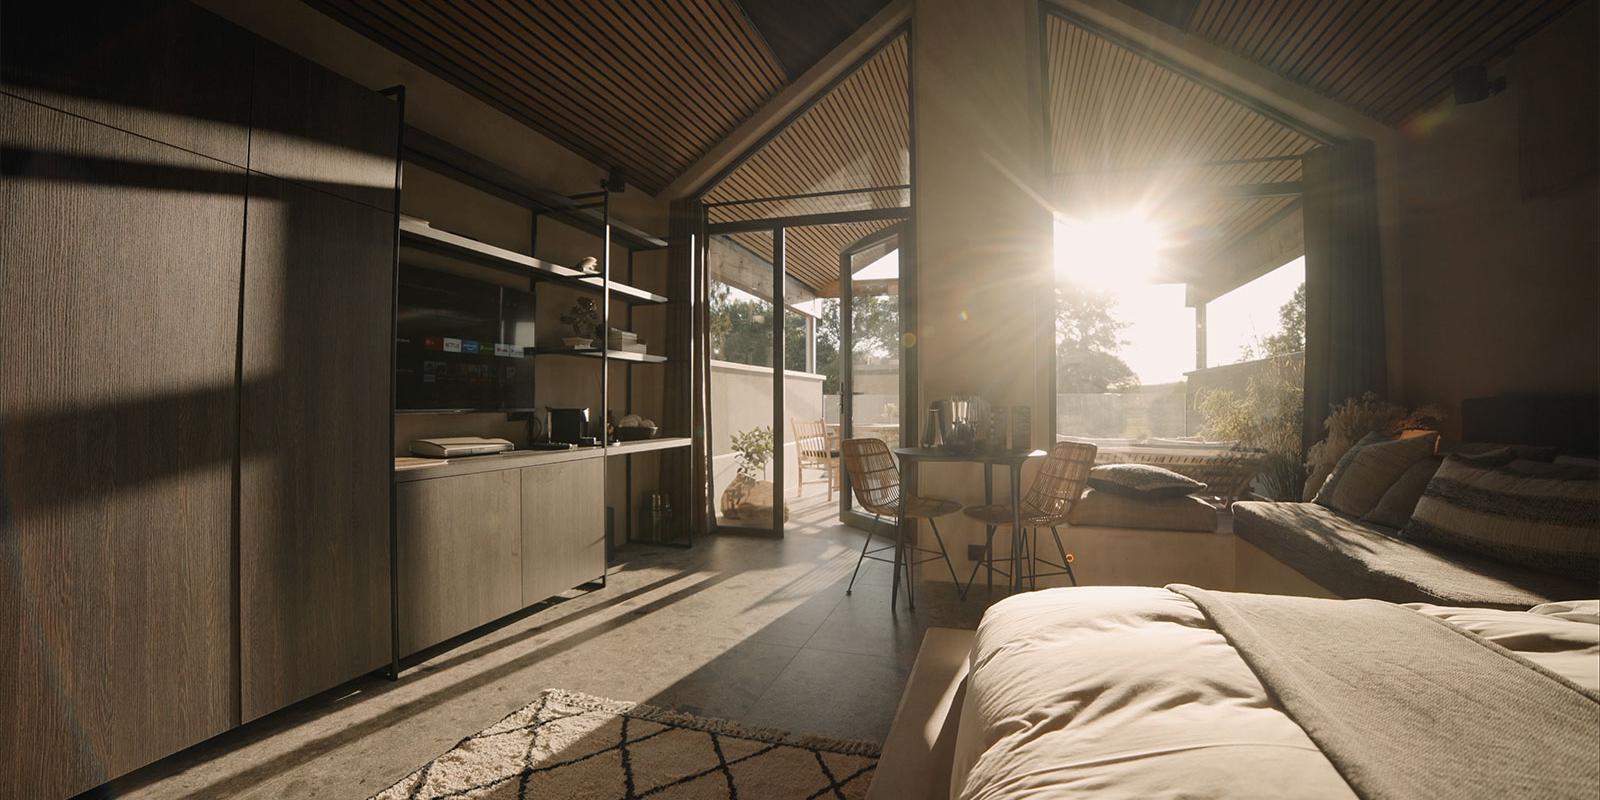 Duplex suite - Duplex suite